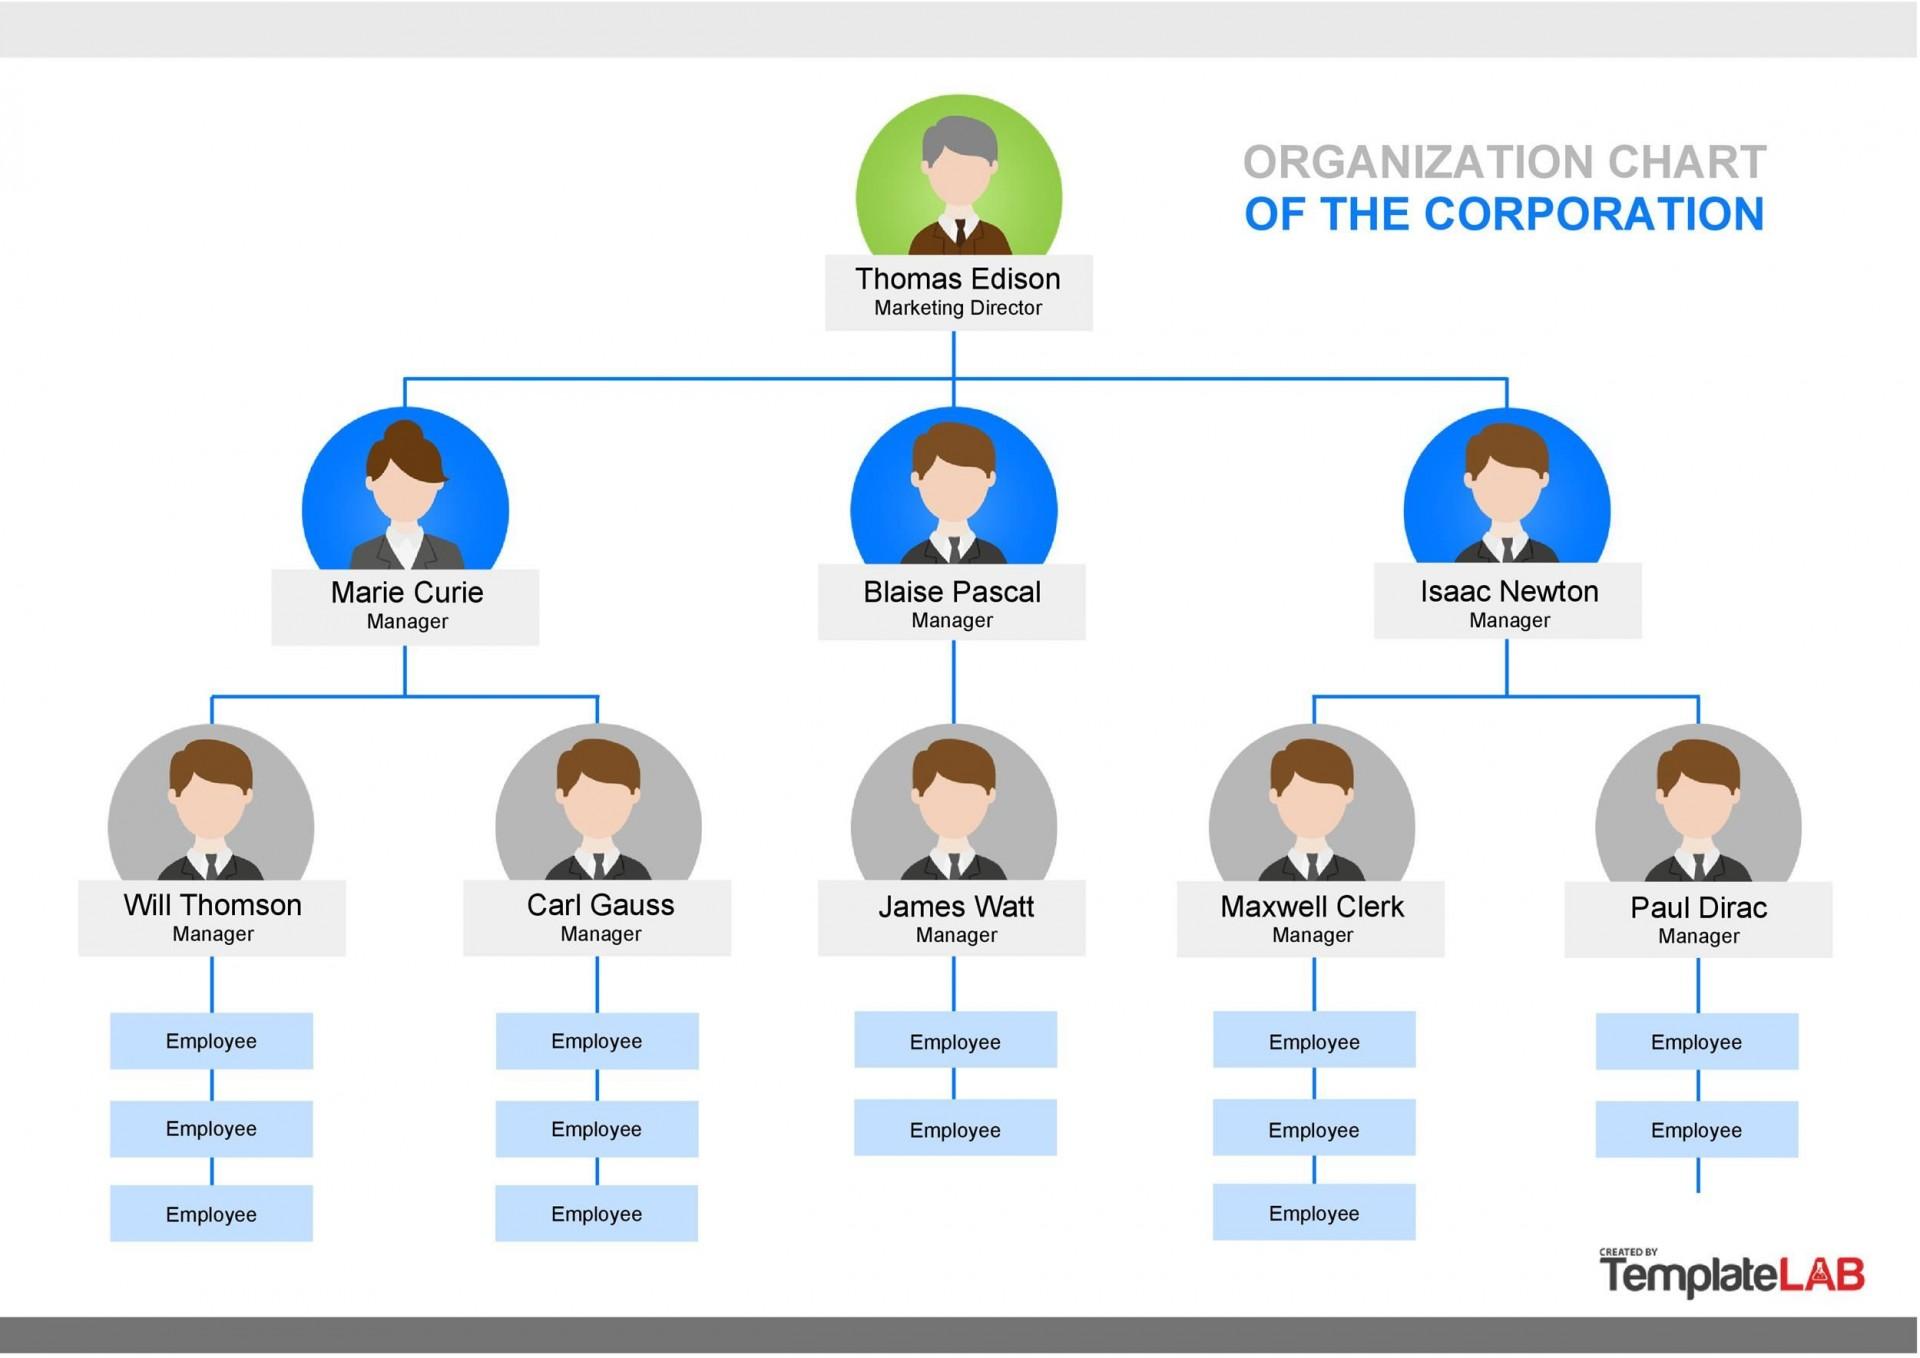 004 Beautiful Word Organization Chart Template Image  Free Organizational 2007 2013 Org1920